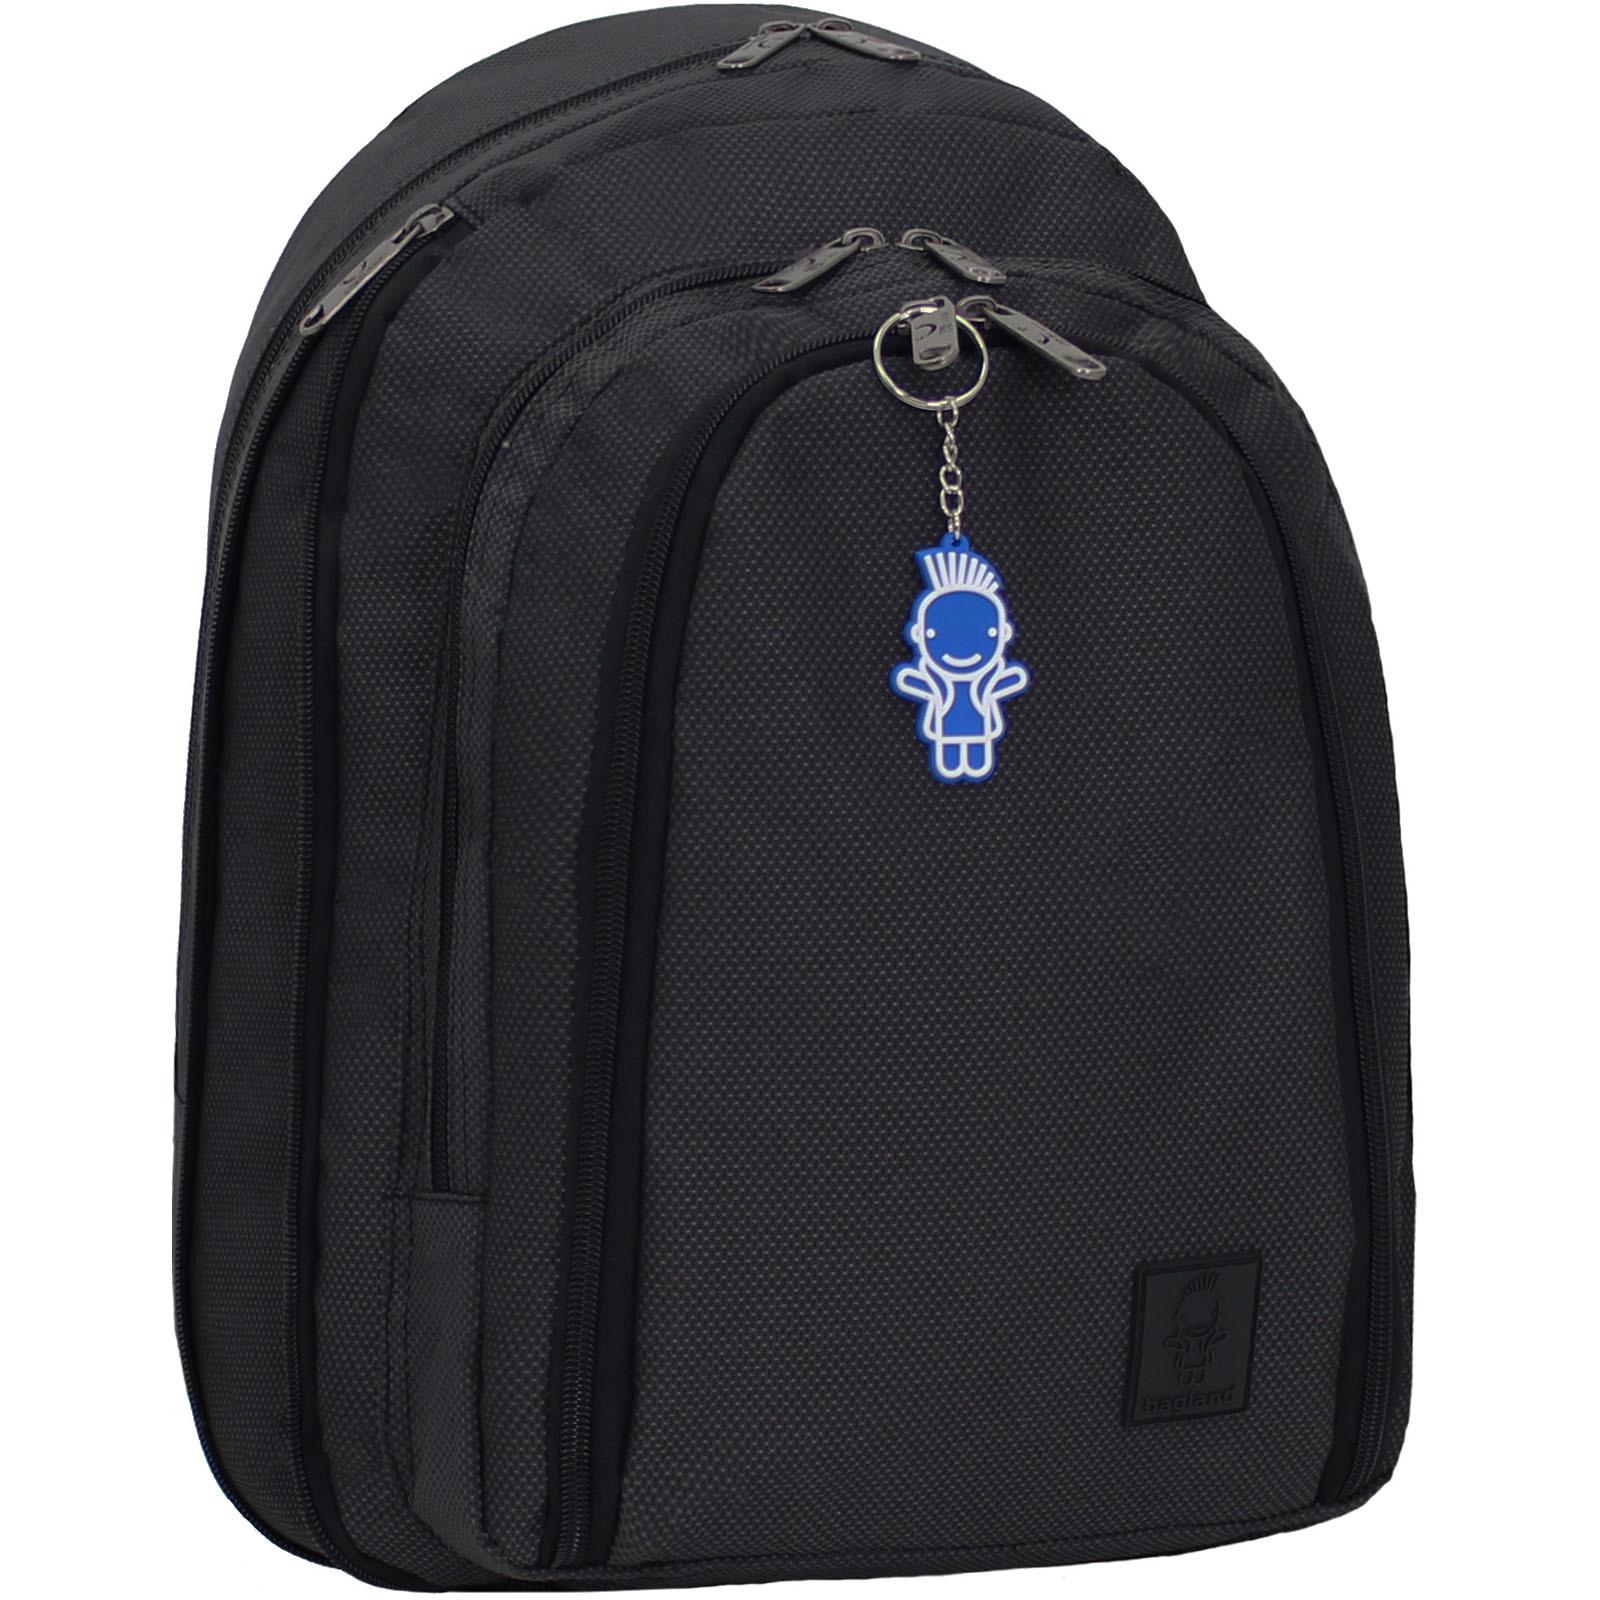 Городские рюкзаки Рюкзак Bagland Раскладной большой 32 л. Чёрный (00142169) IMG_1205.JPG